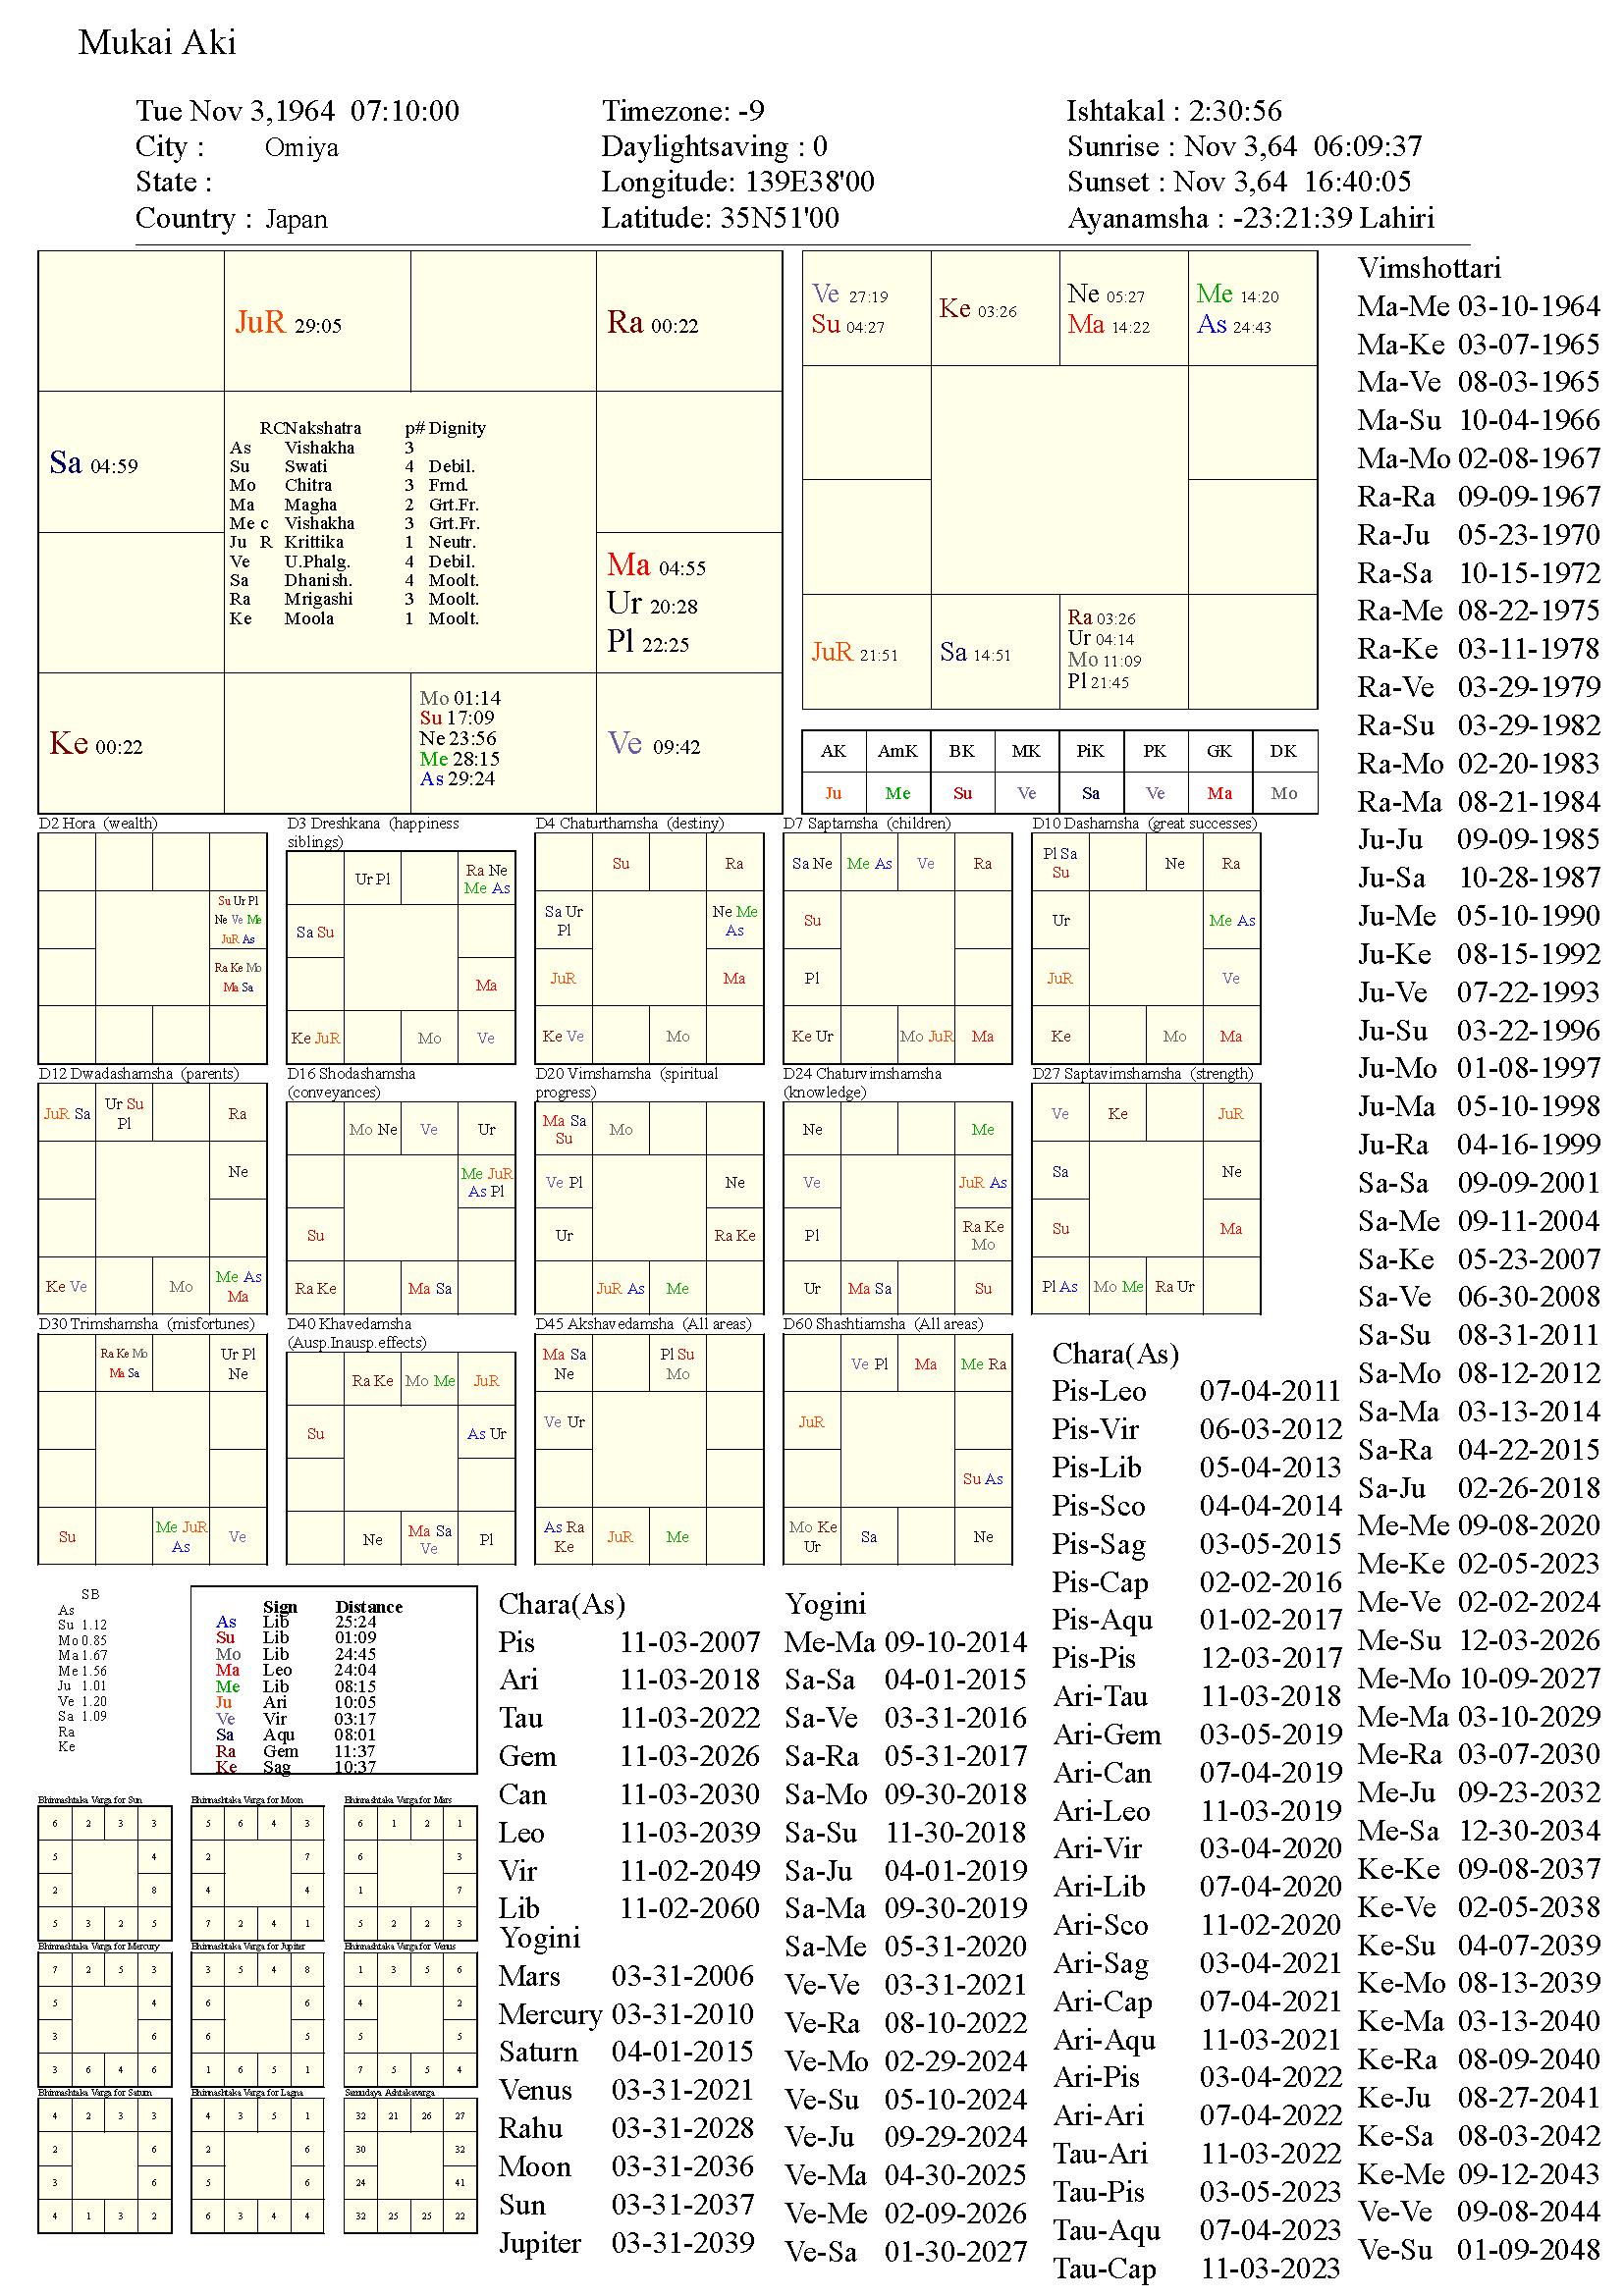 MukaiAki_chart